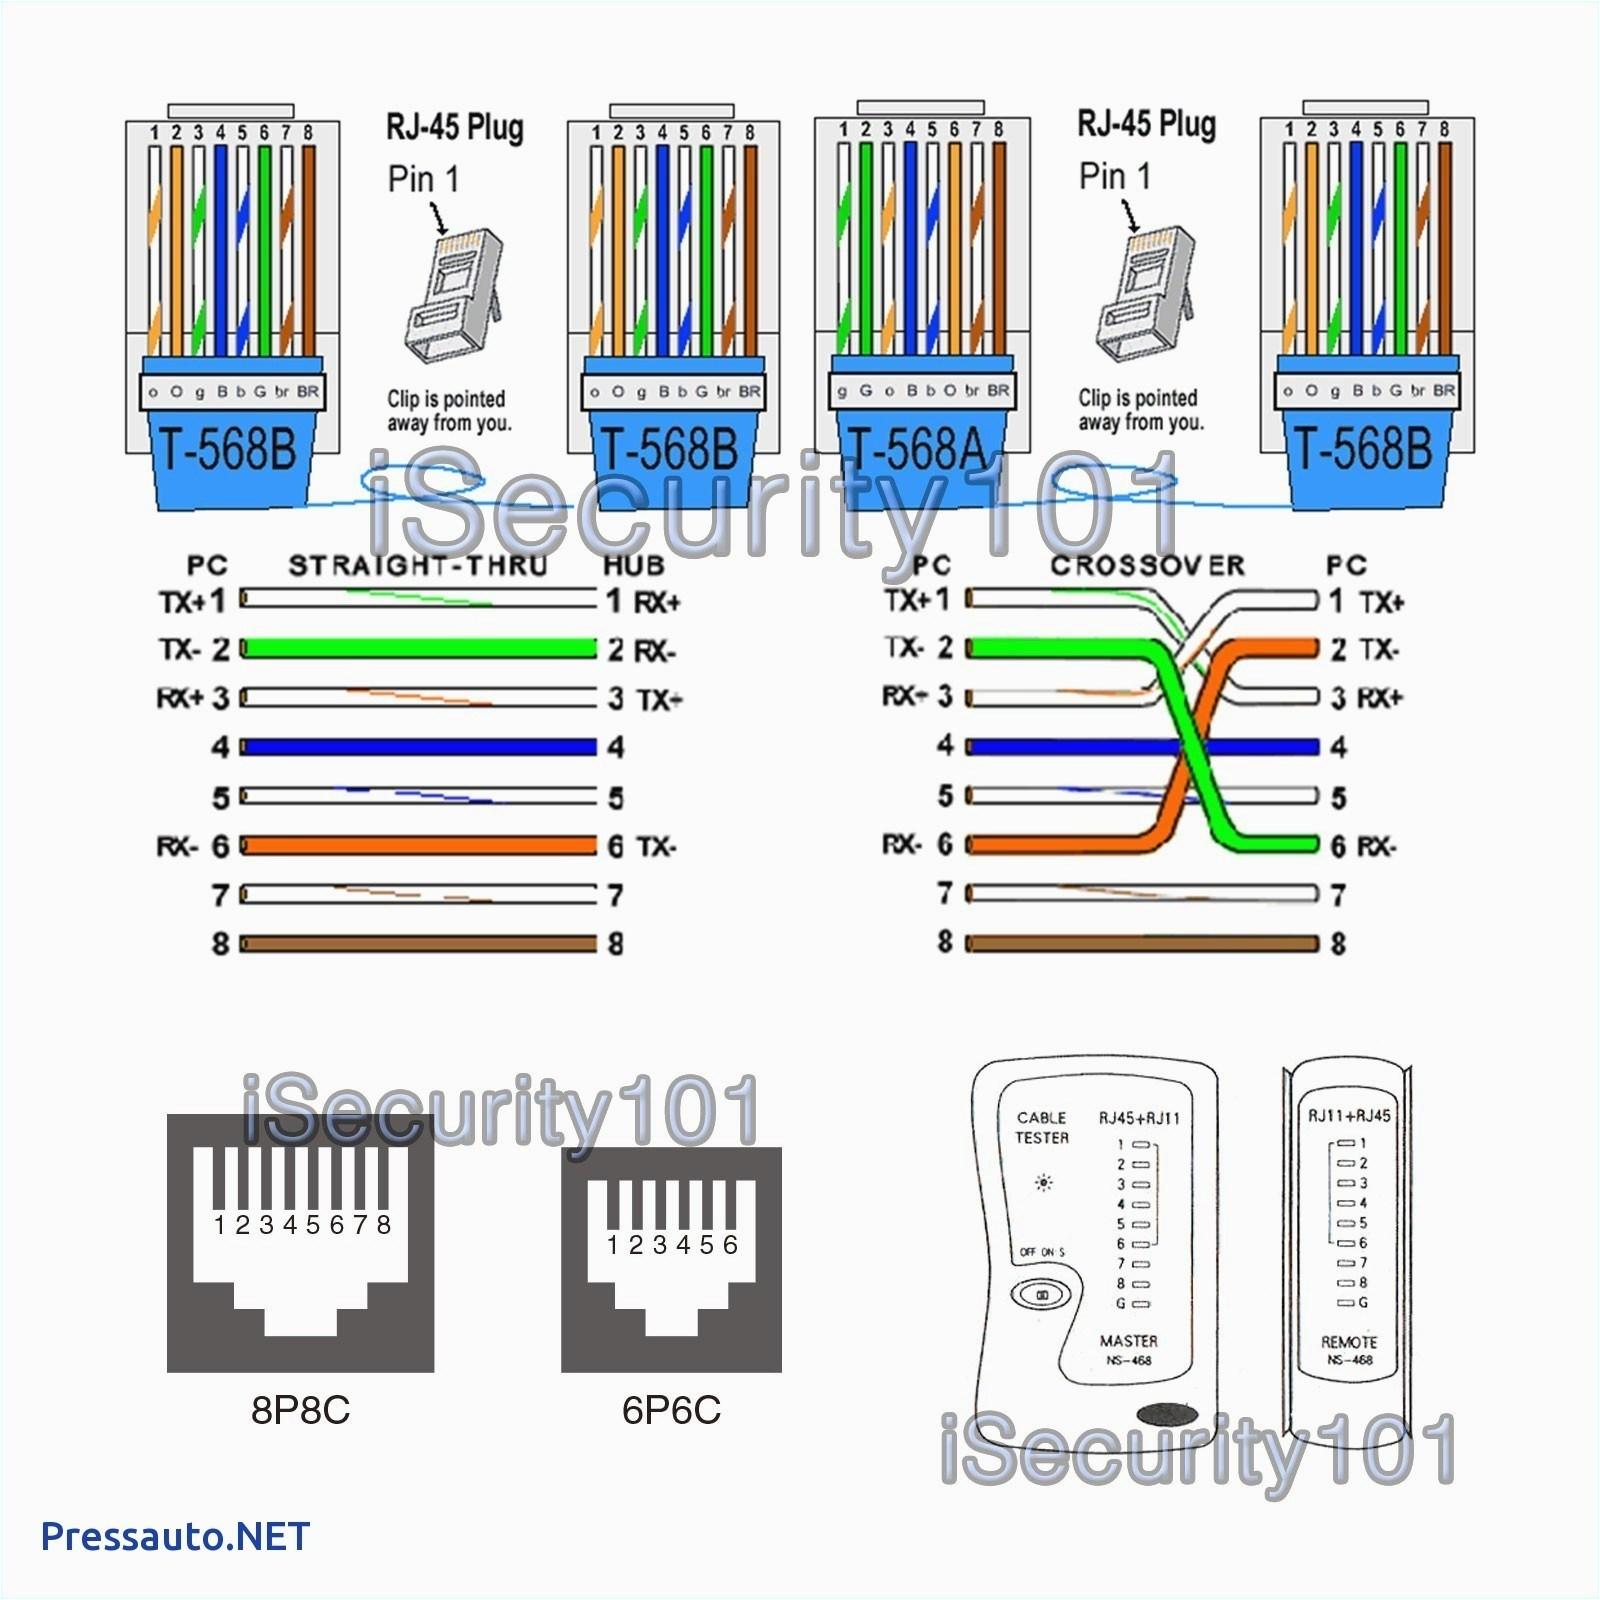 boot rj45 diagram blog wiring diagram boot rj45 diagram